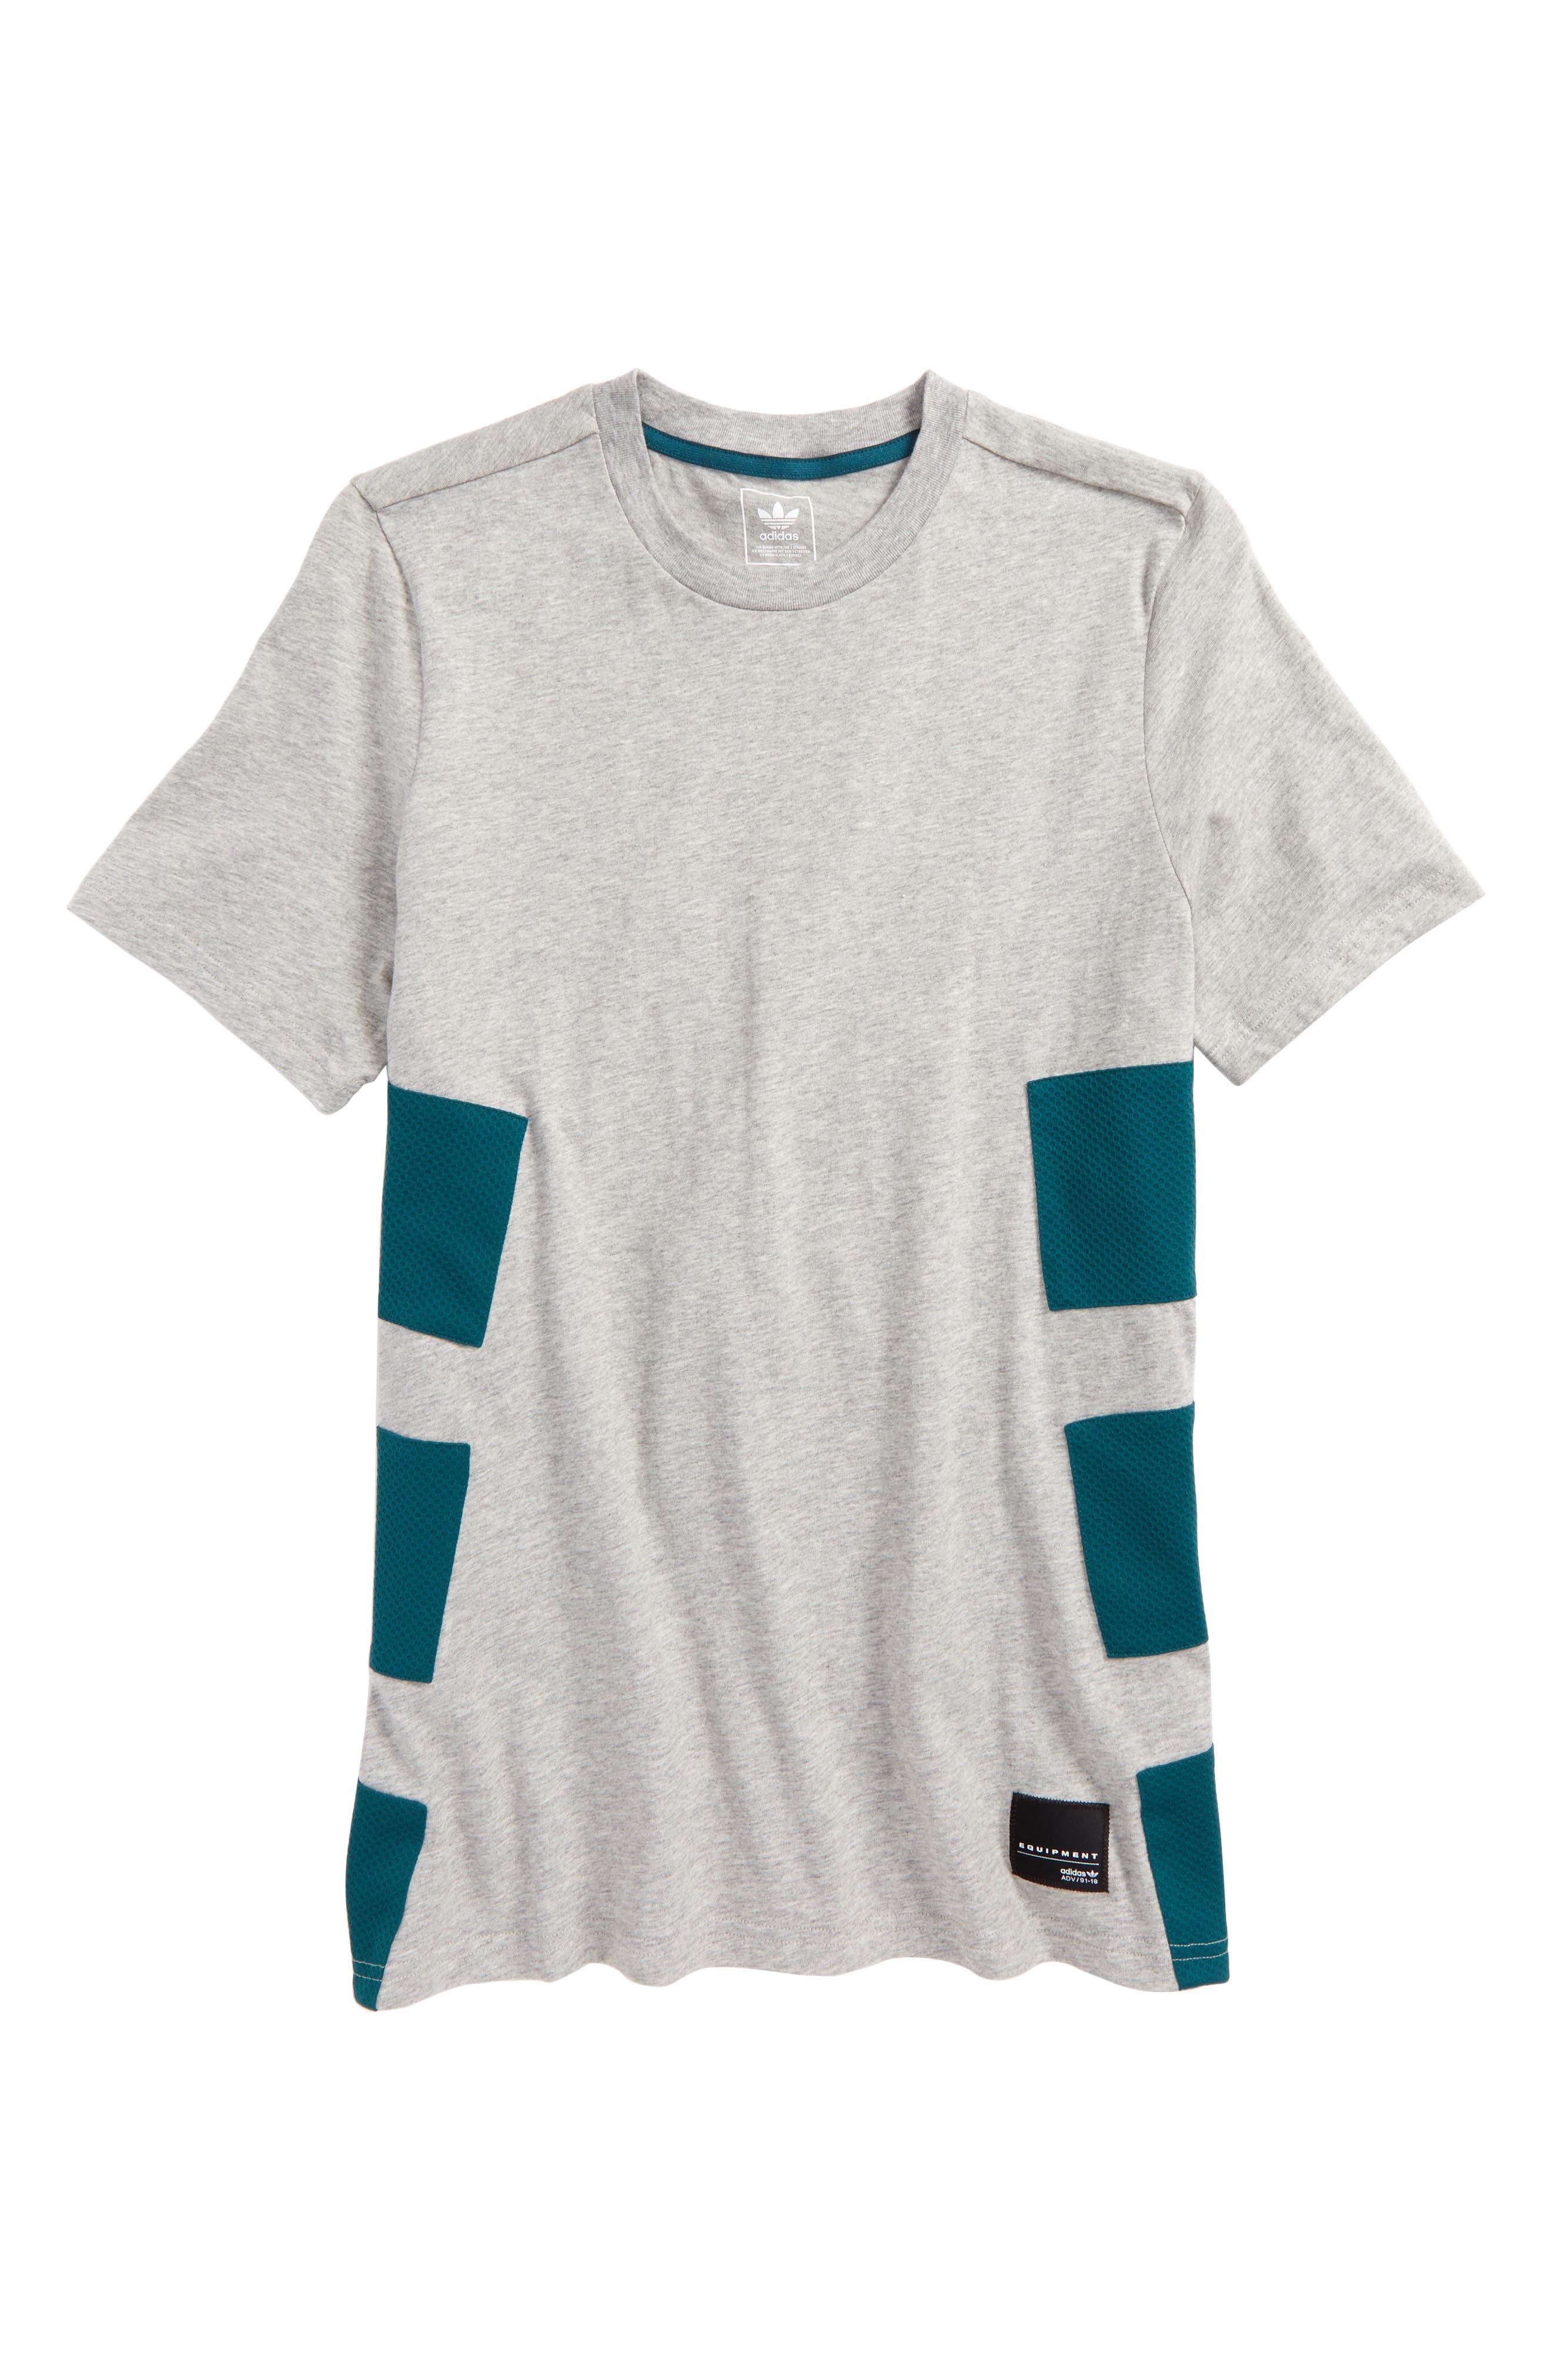 EQT T-Shirt,                         Main,                         color, 035